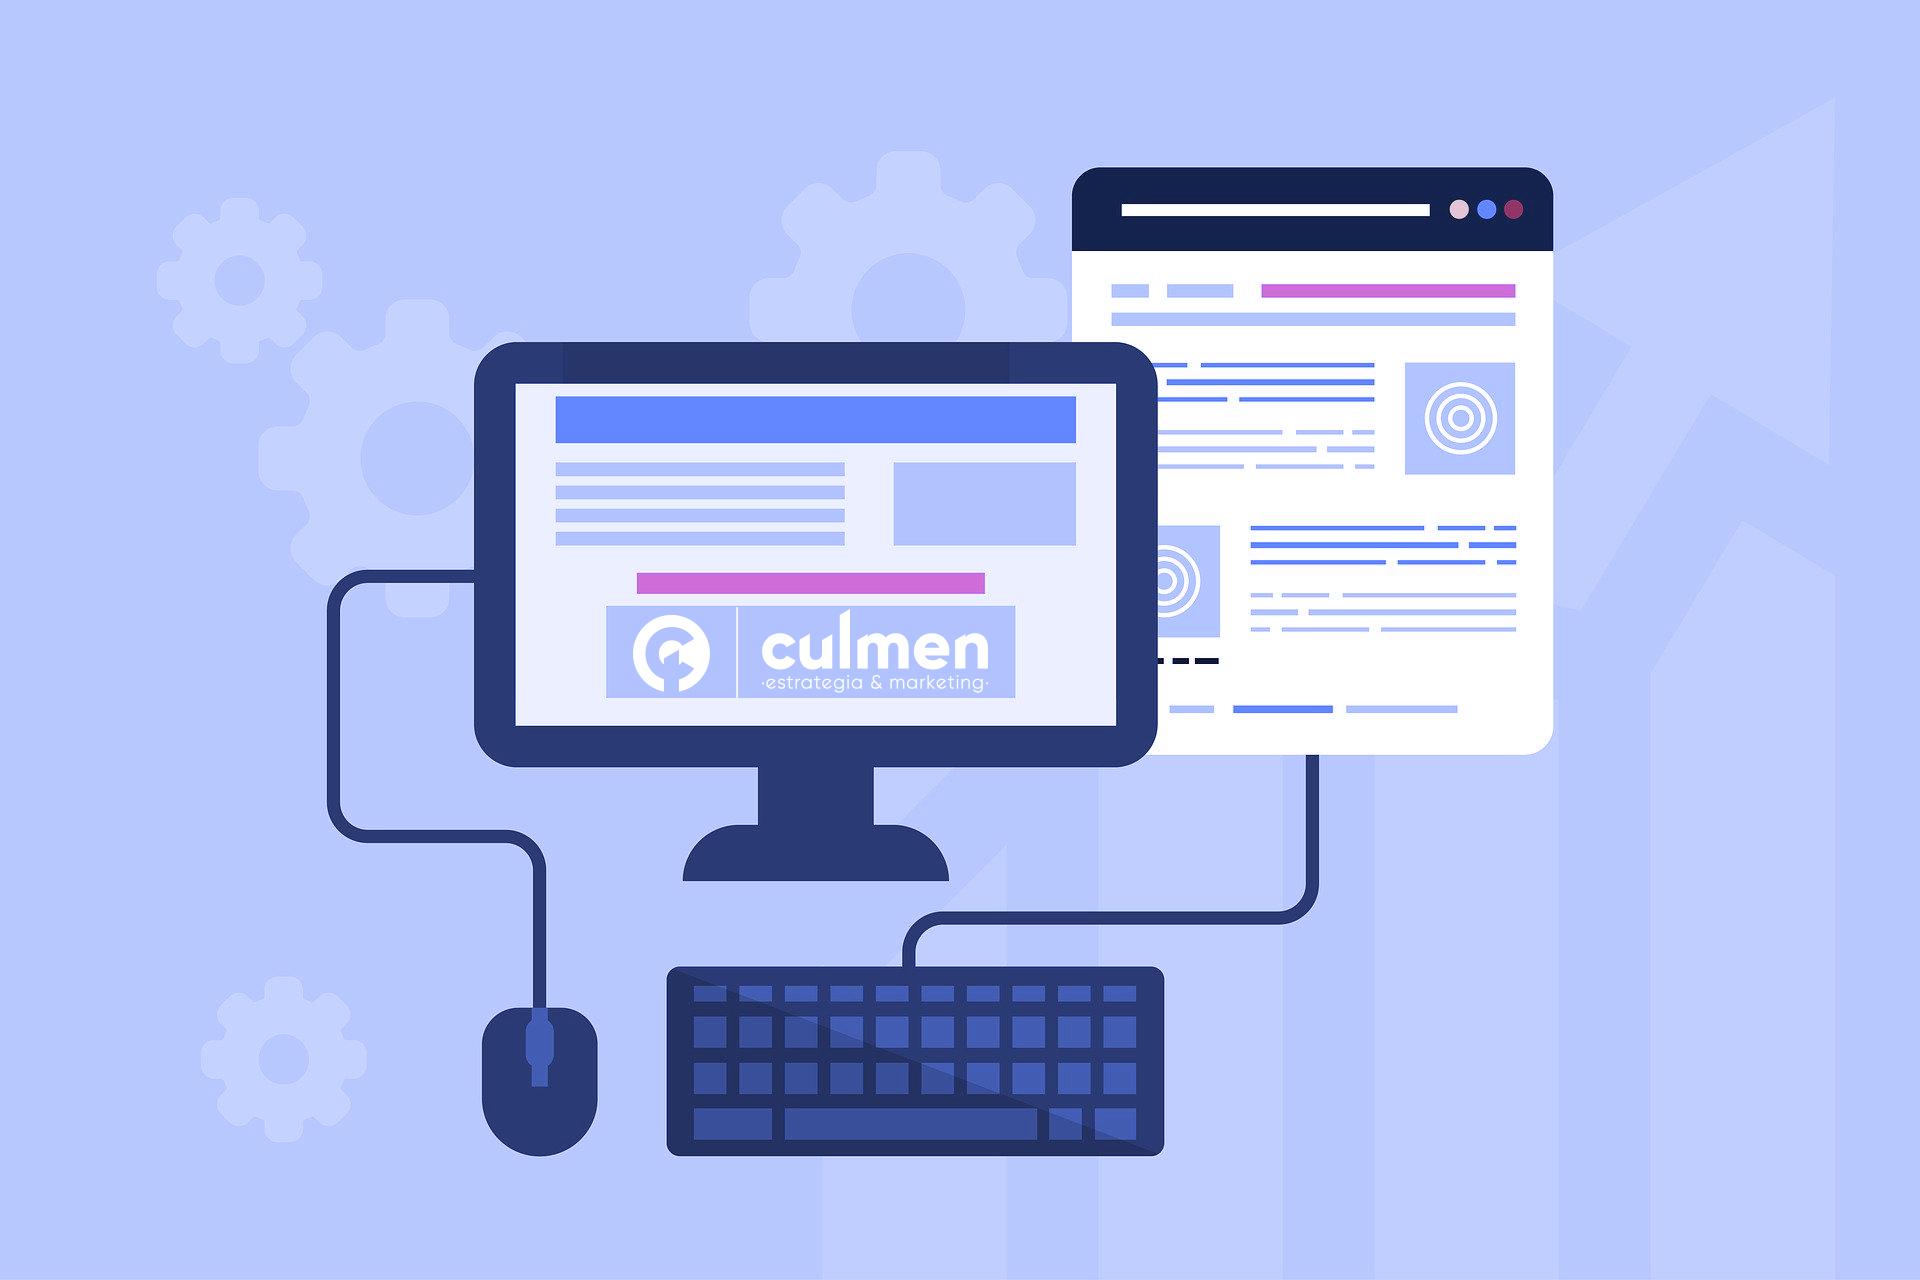 Las tendencias de diseño web en 2020. Culmen estrategia & marketing